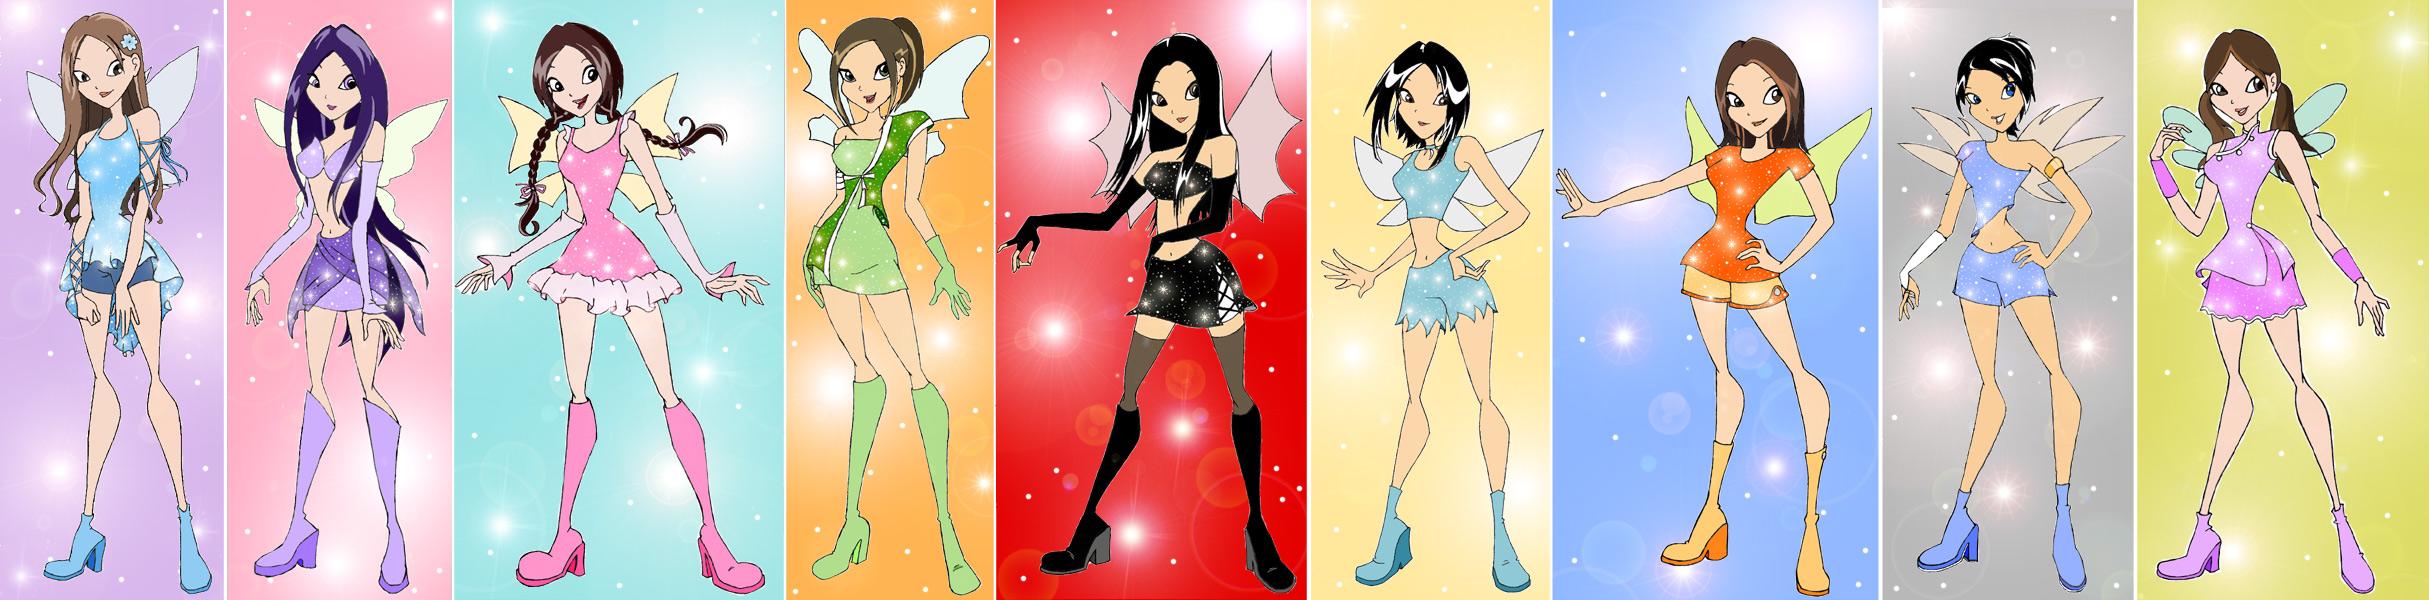 WinX original characters by schweetpink